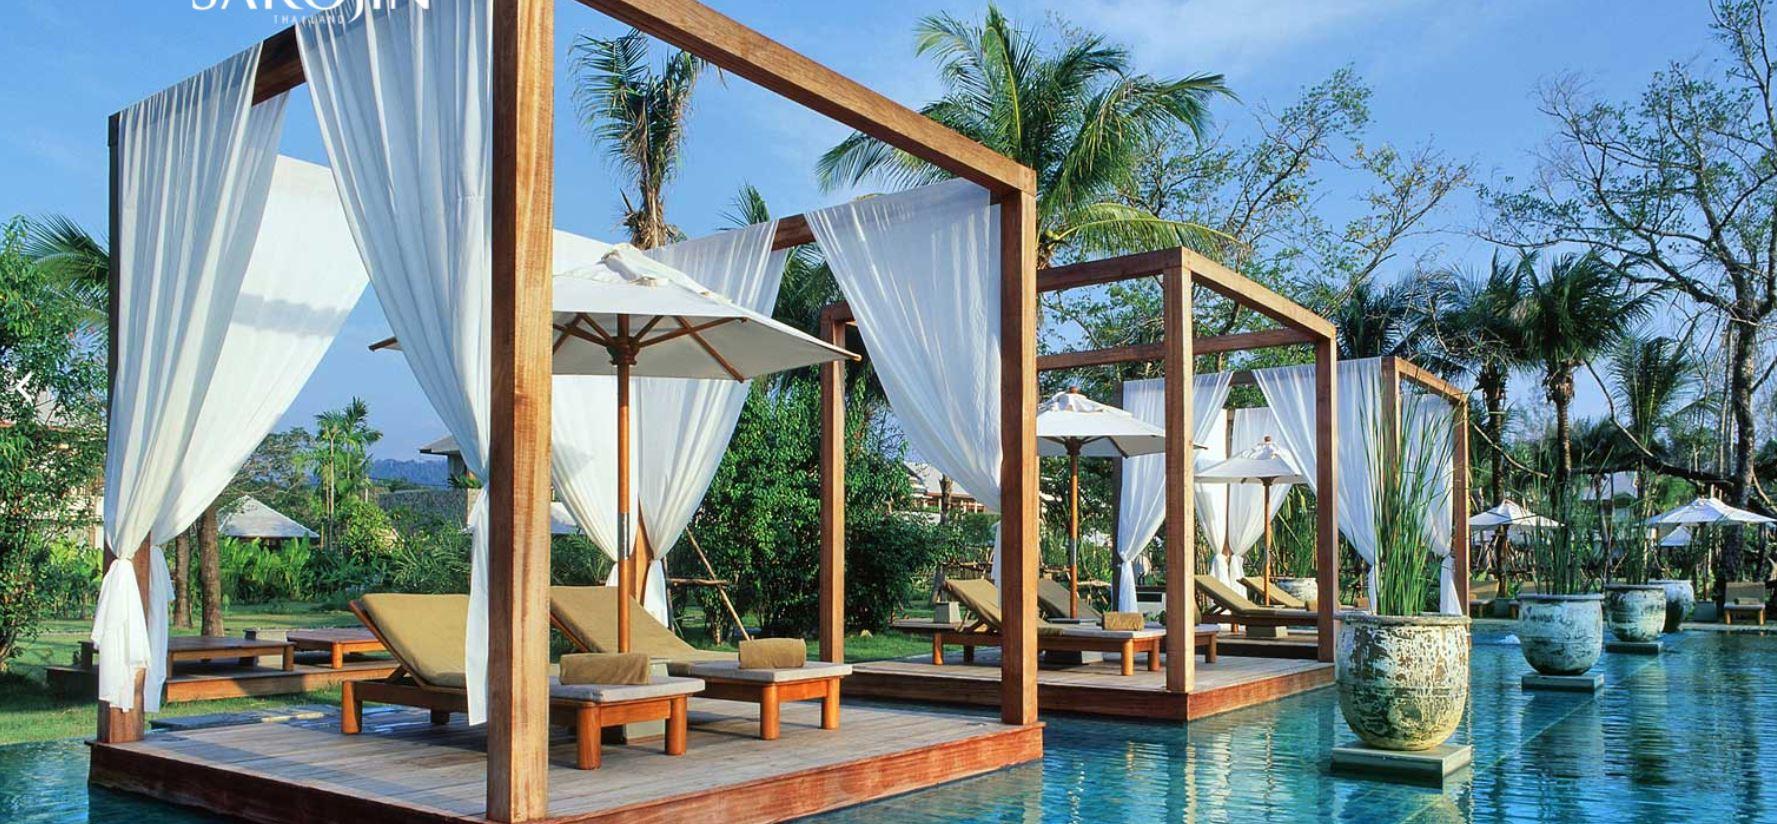 The Sarojin Thailand - Swimming Pool mit balinesischen Betten